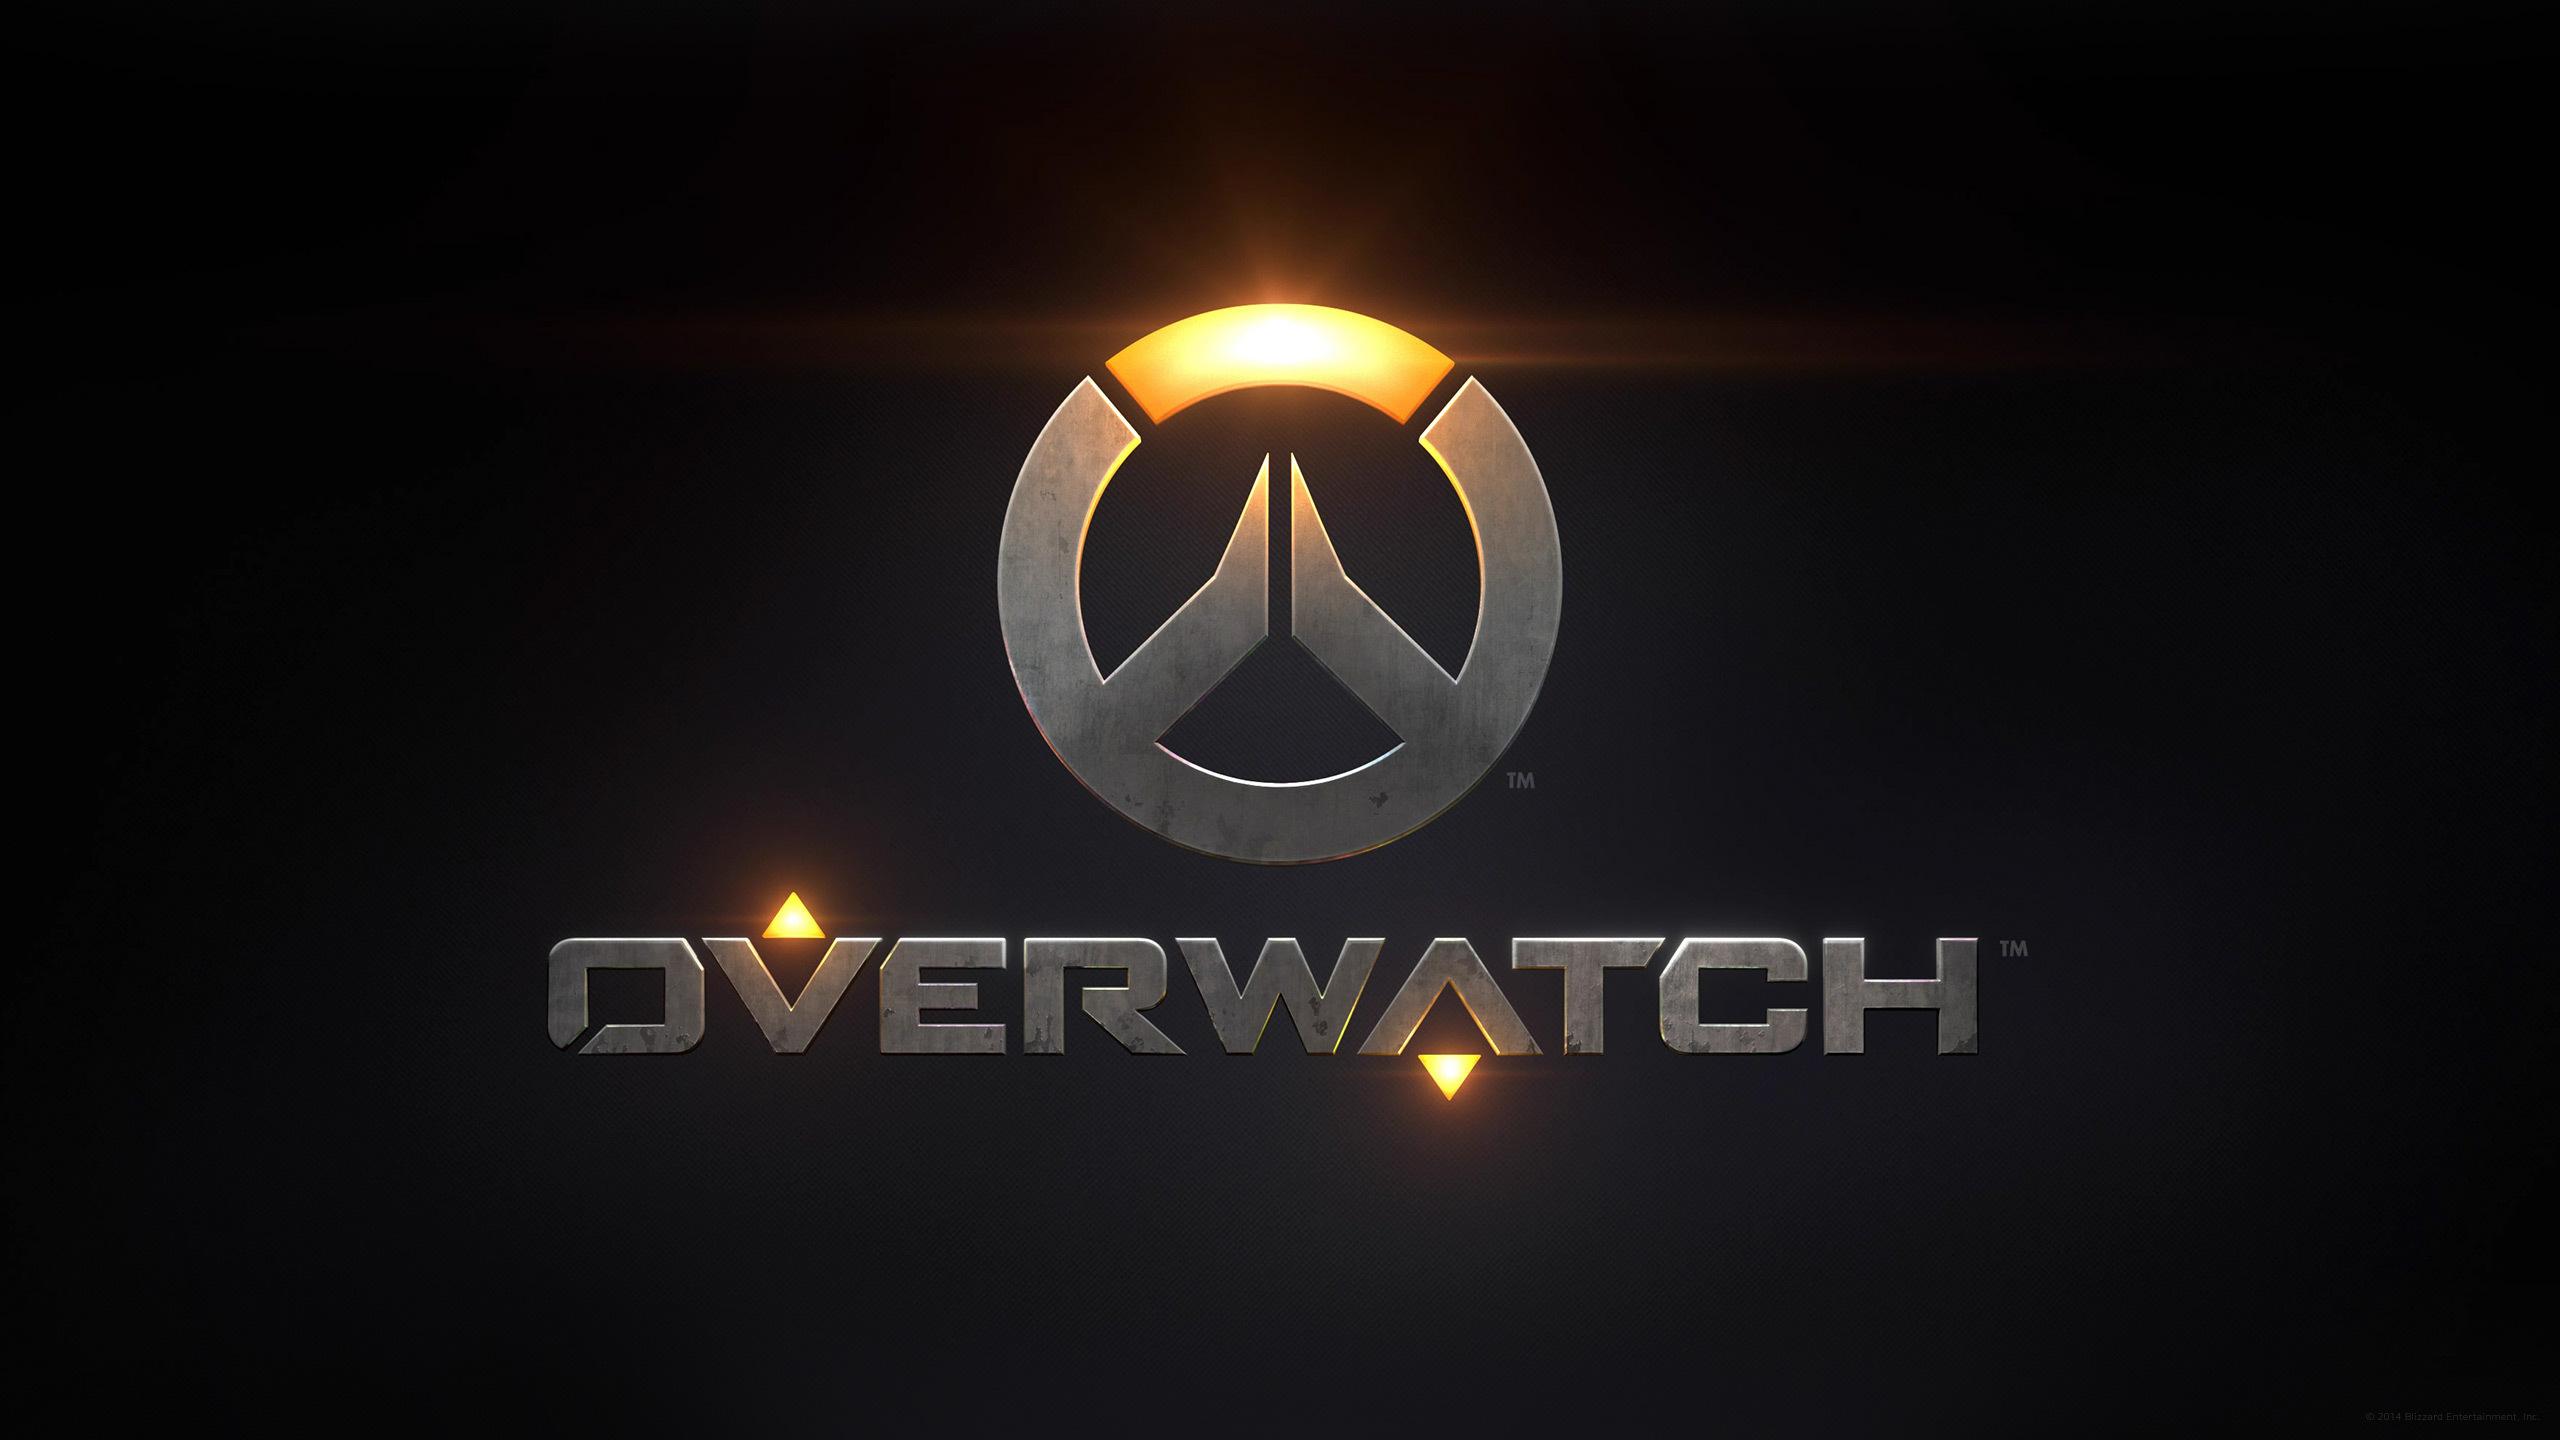 Overwatch Computer Wallpaper